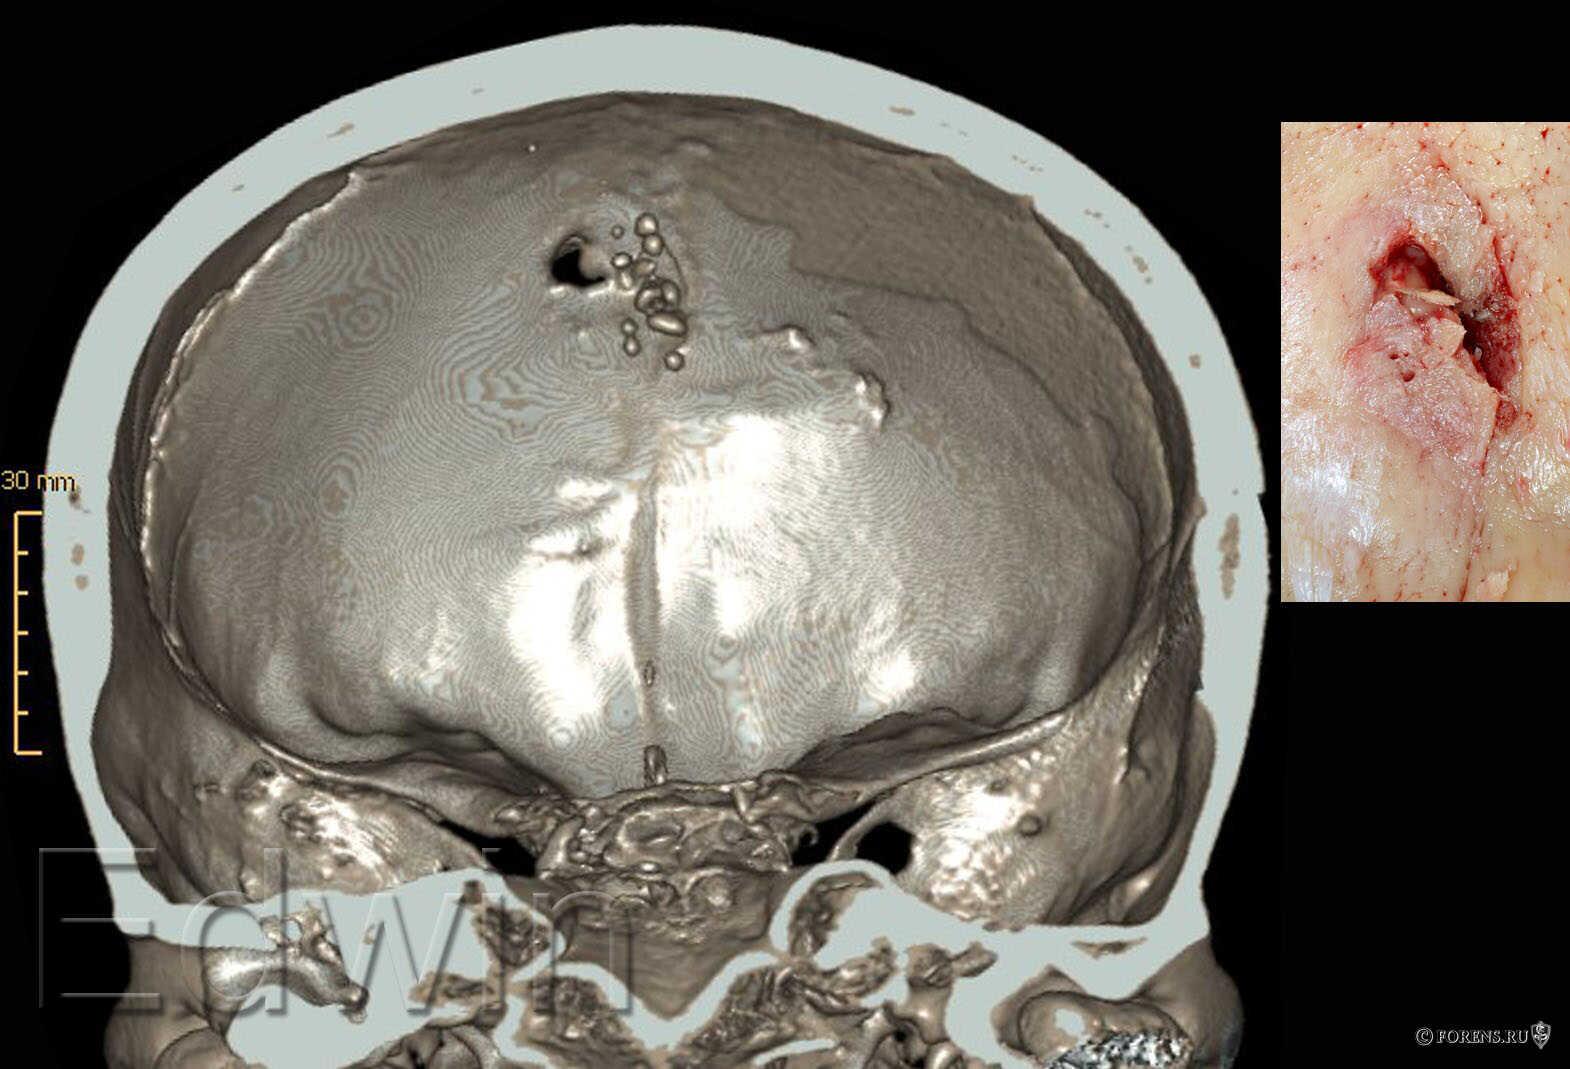 Лобная кость изнутри в области входной огнестрельной раны (Наган 7,62 мм)